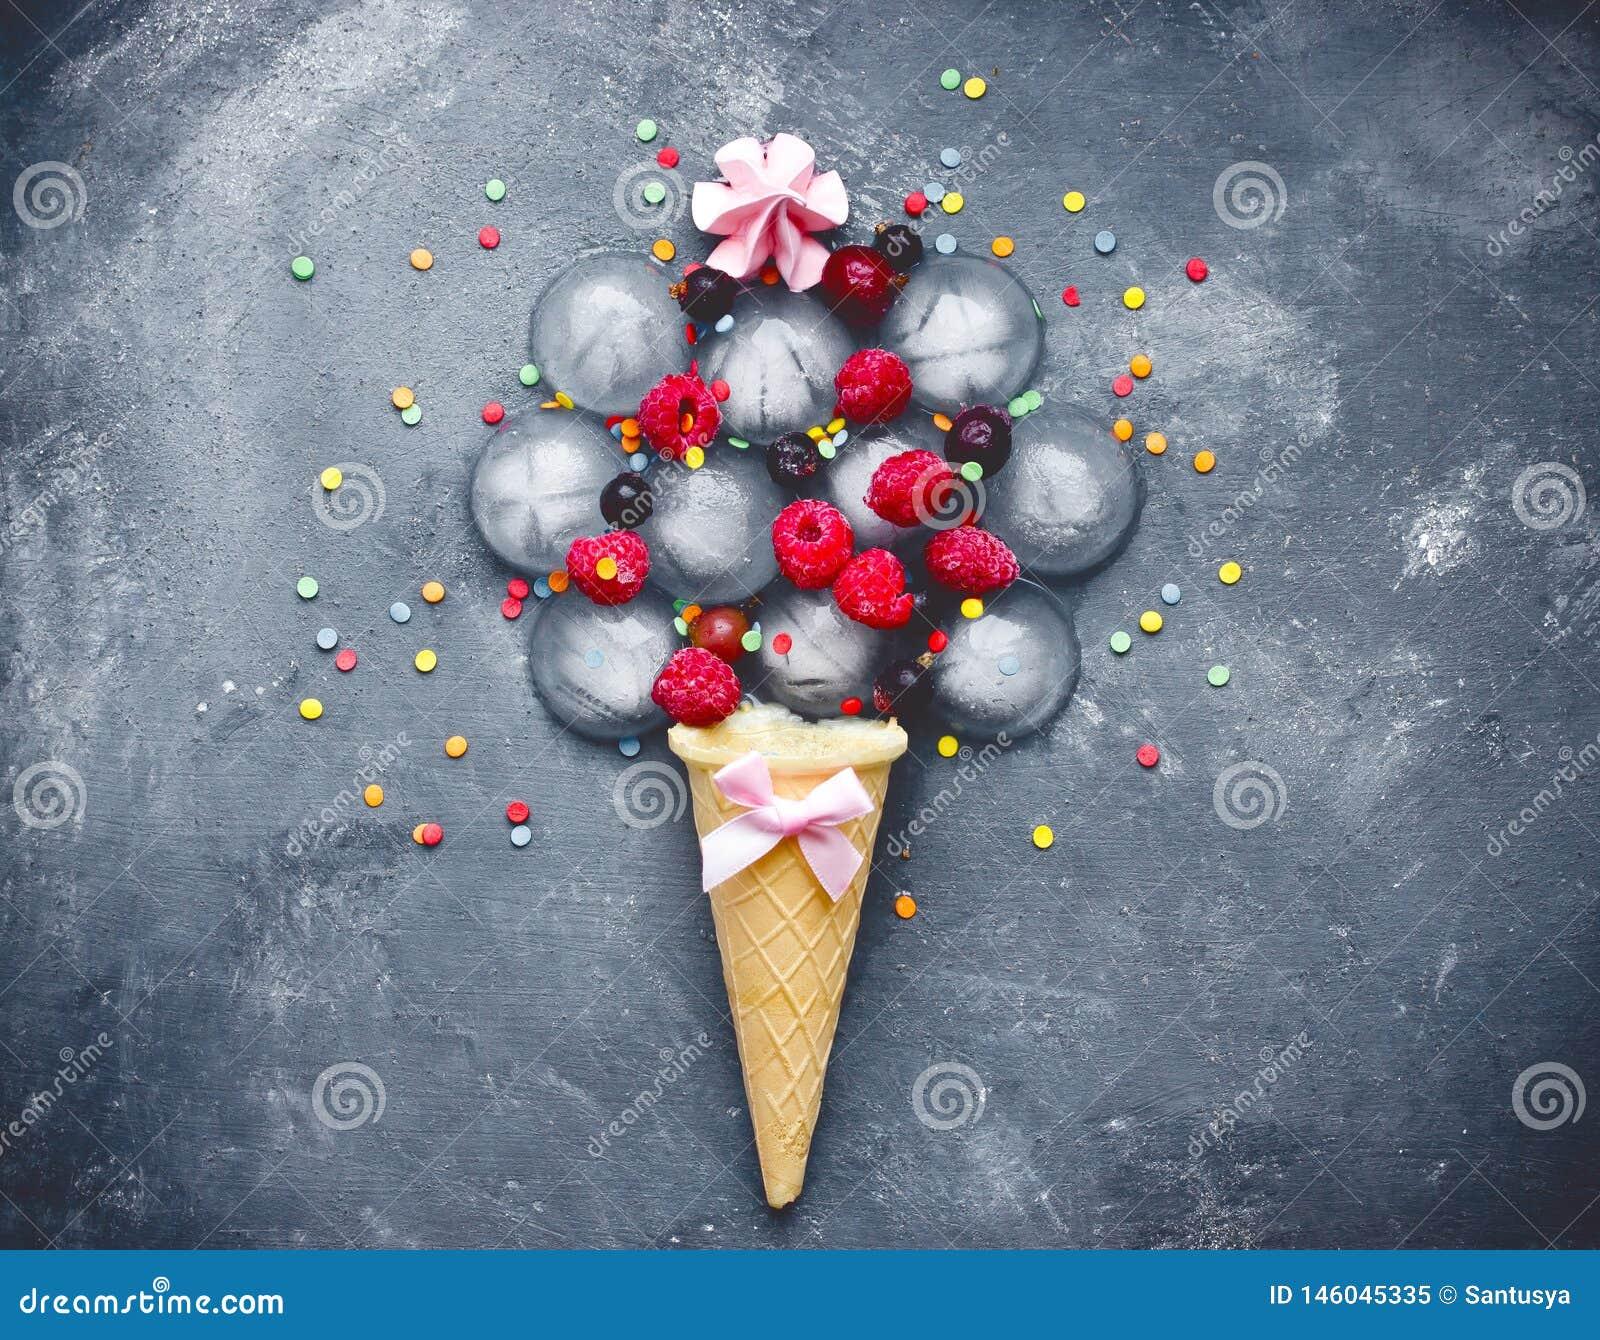 Ягоды концепции ассоциации мороженого замороженные и сахар мороженого брызгают